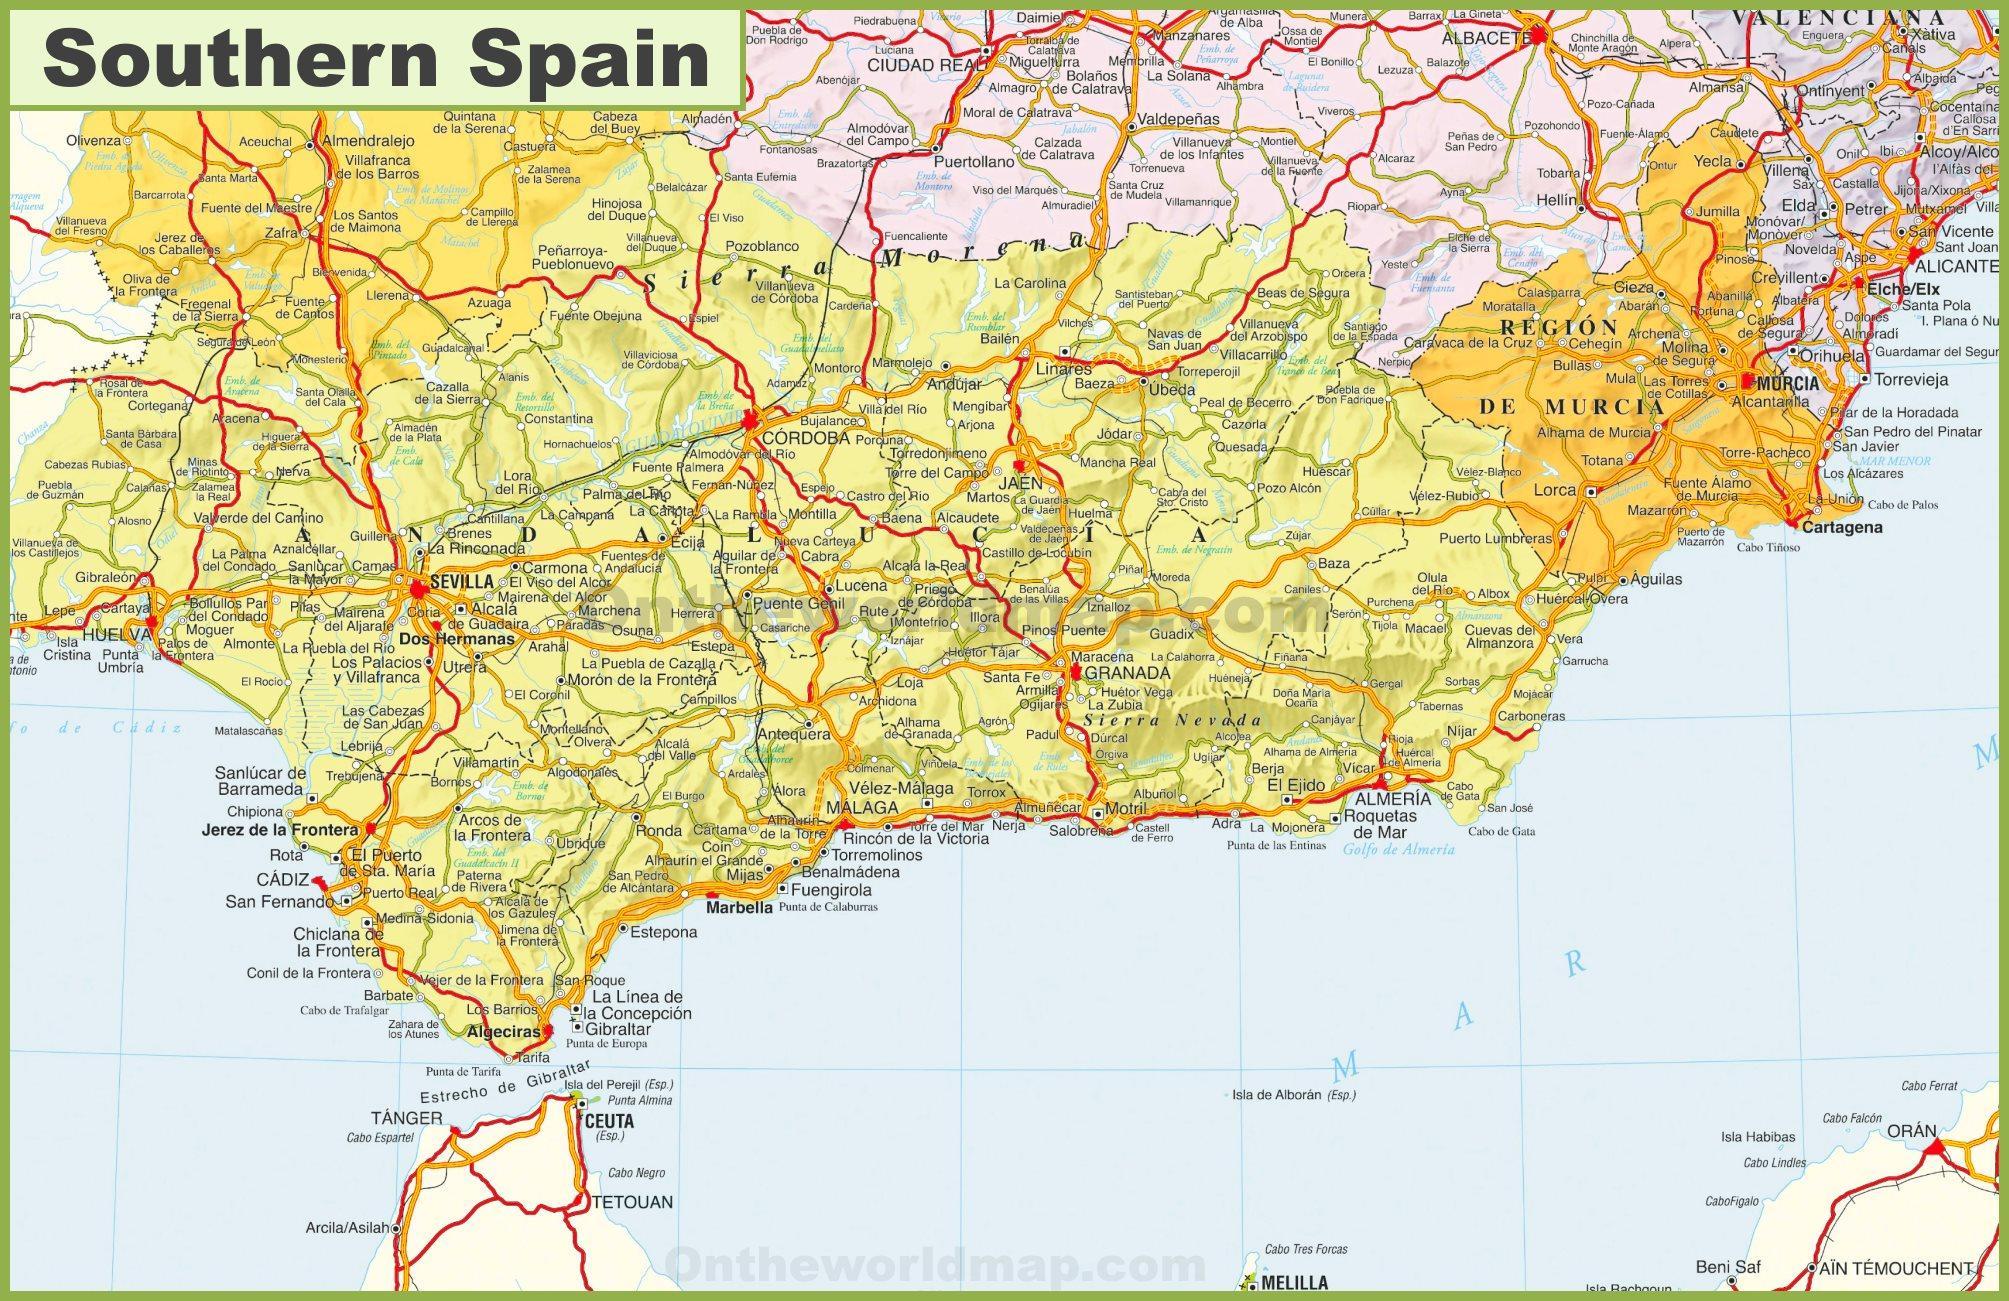 Spagna Sud Cartina.Mappa Del Sud Della Spagna Cartina Mappa Del Sud Della Spagna Europa Del Sud Europa